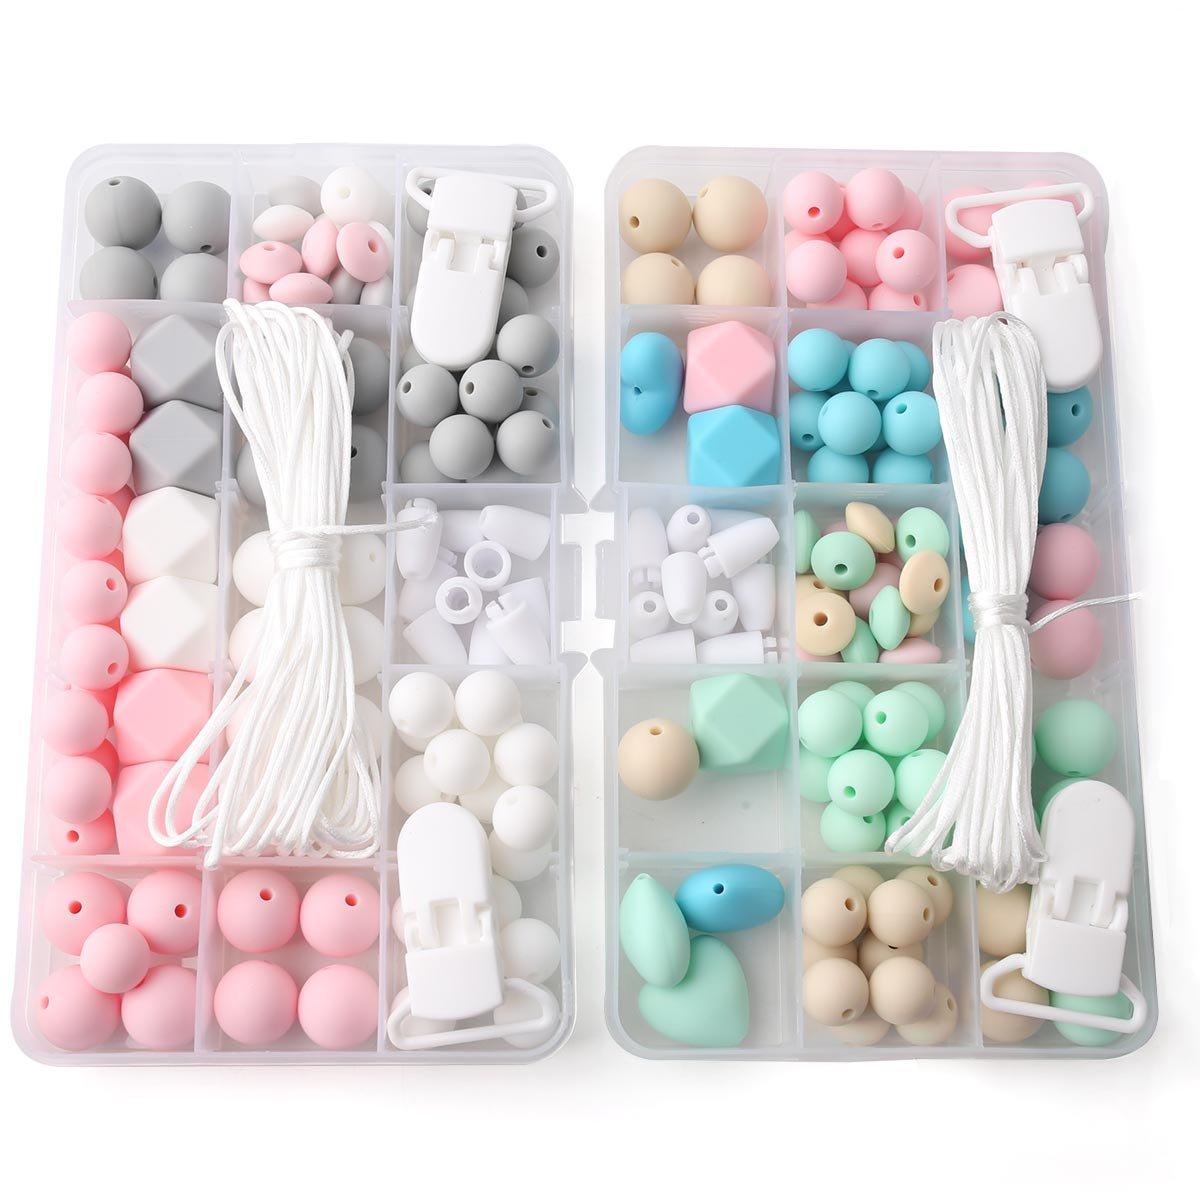 baby tete Silikon Perlen Schnuller Clip Zubehör DIY Perlen Set Zahnen Schmuck Hand gemacht Schnuller Clip Silikon Perlen Baby Teether Spielzeug